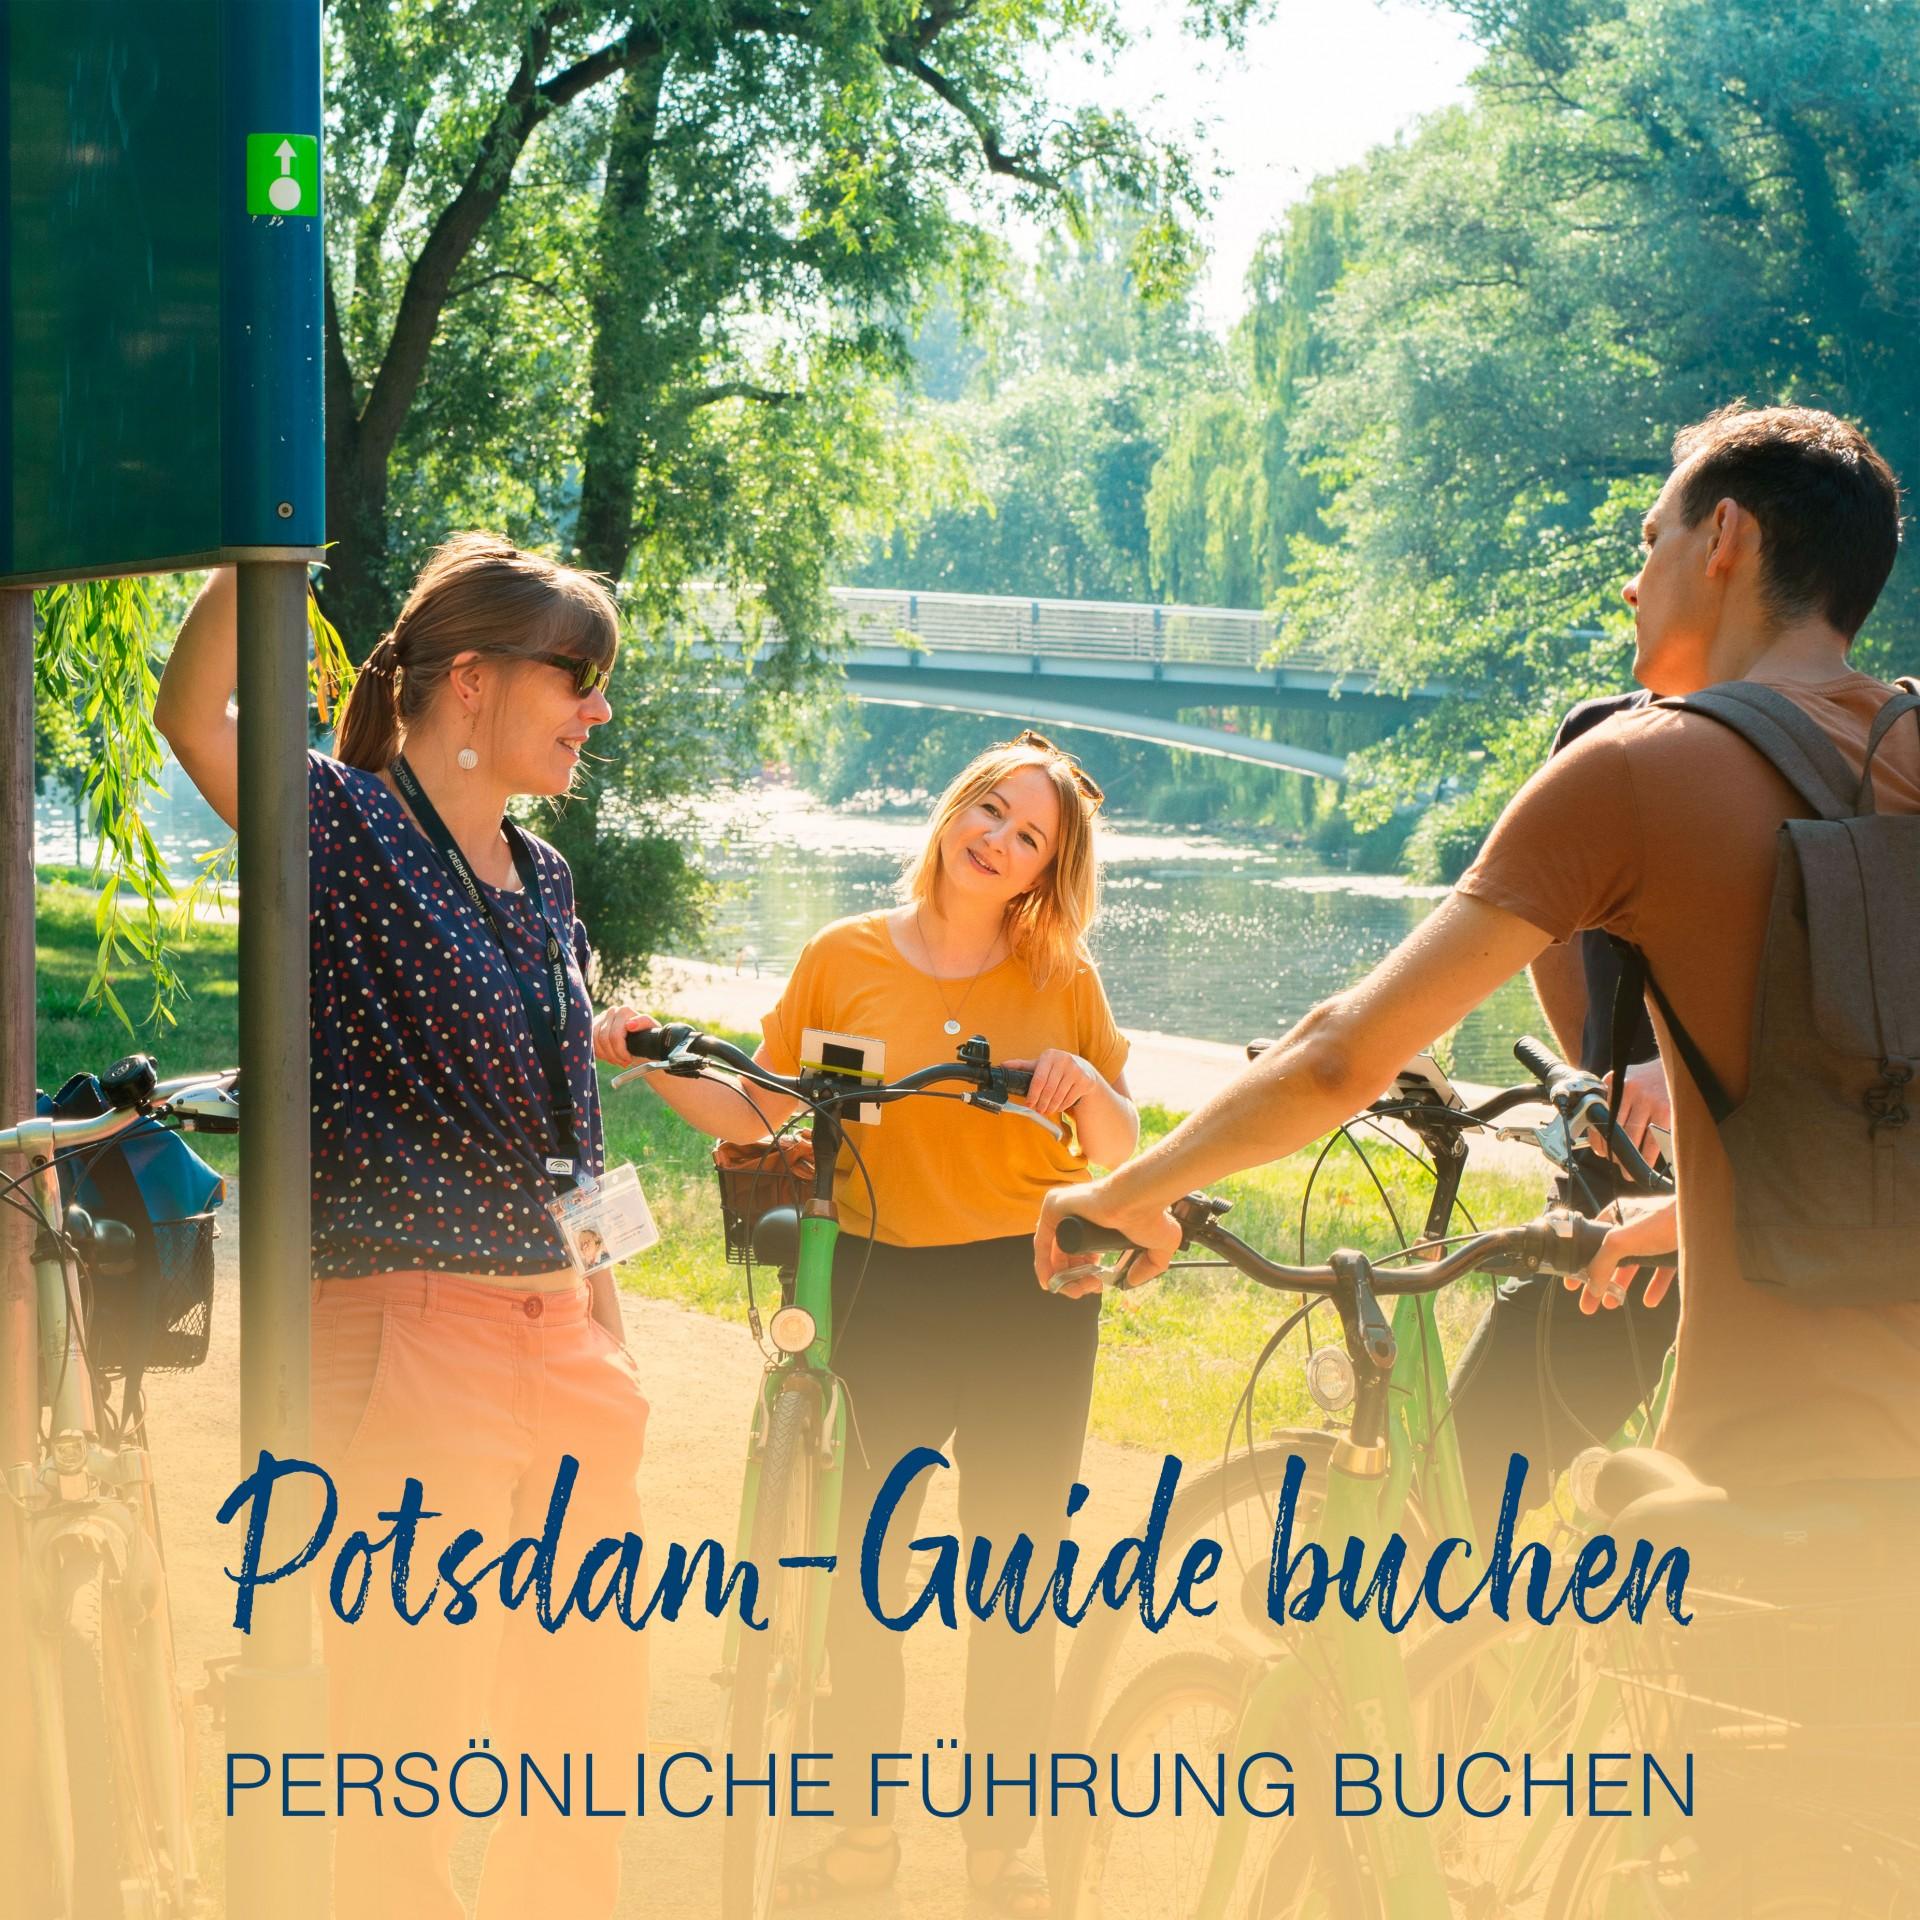 Persönliche Führung durch Potsdam